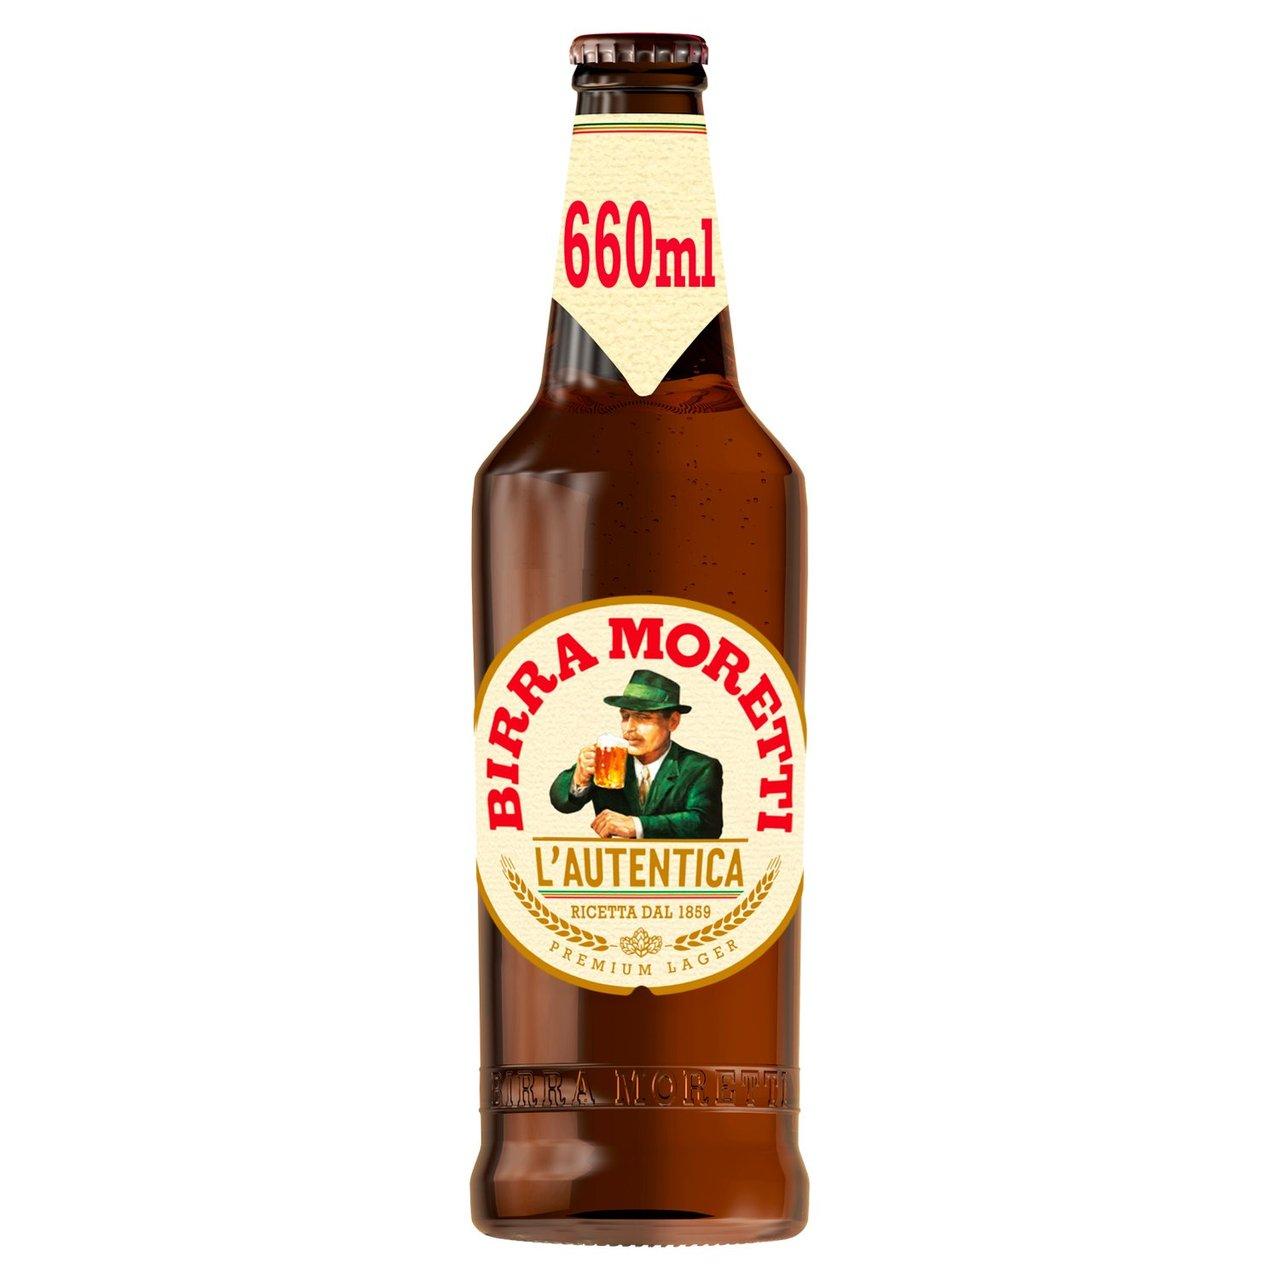 3 for £5 on Beer & Cider @ Morrisons